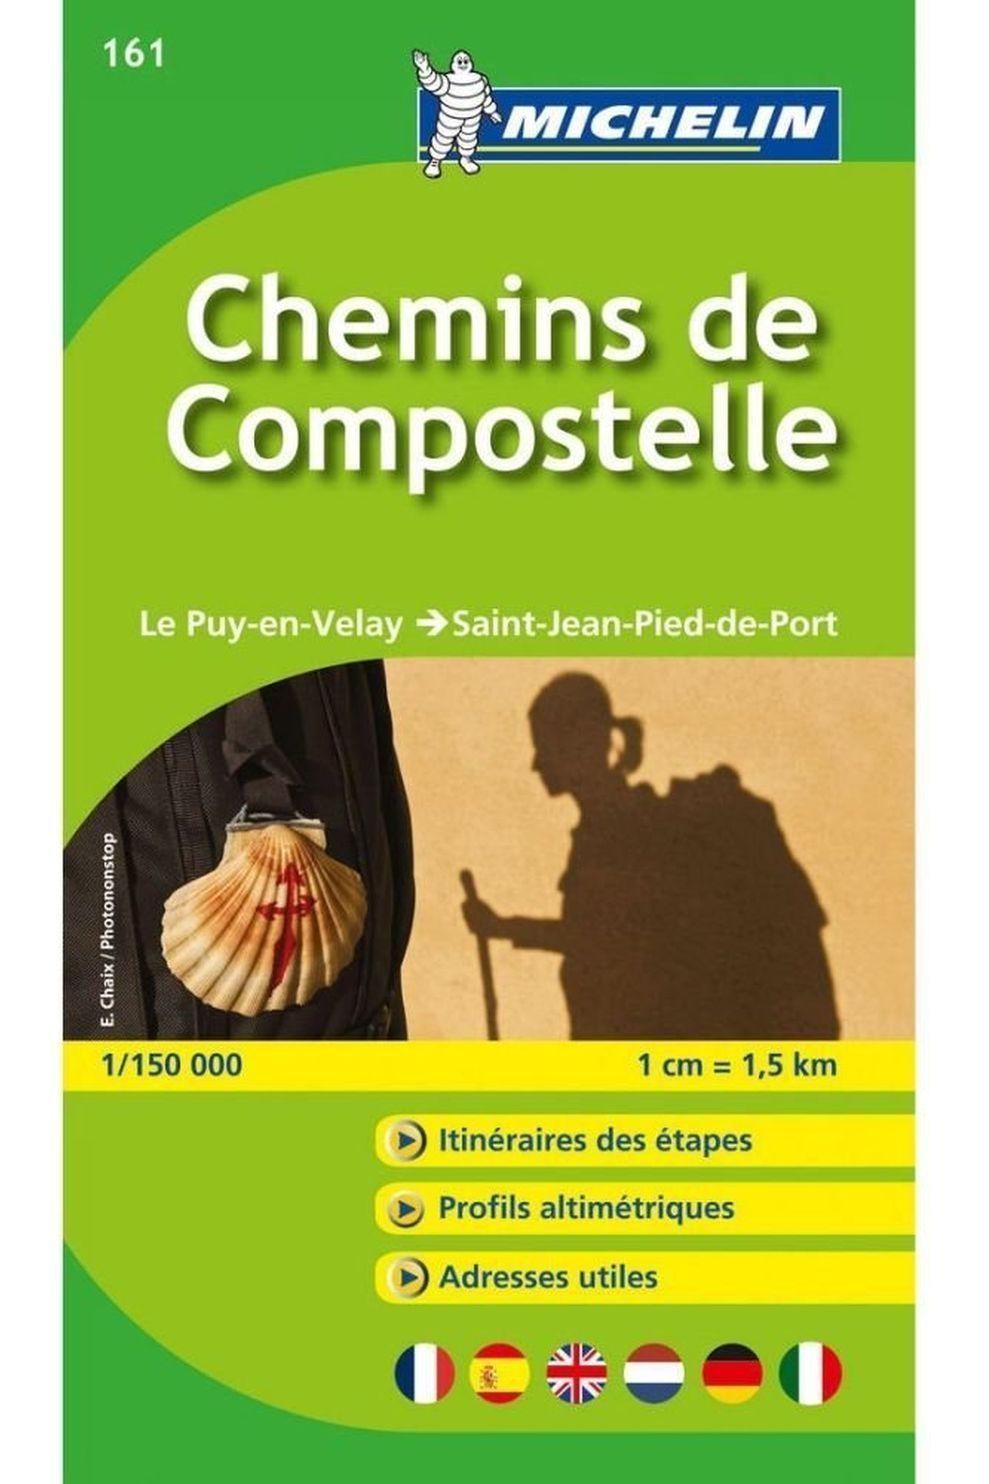 Michelin Chemins de Compostelle 161 mich Puy-en-Velay-St.Jean-Port - 2019